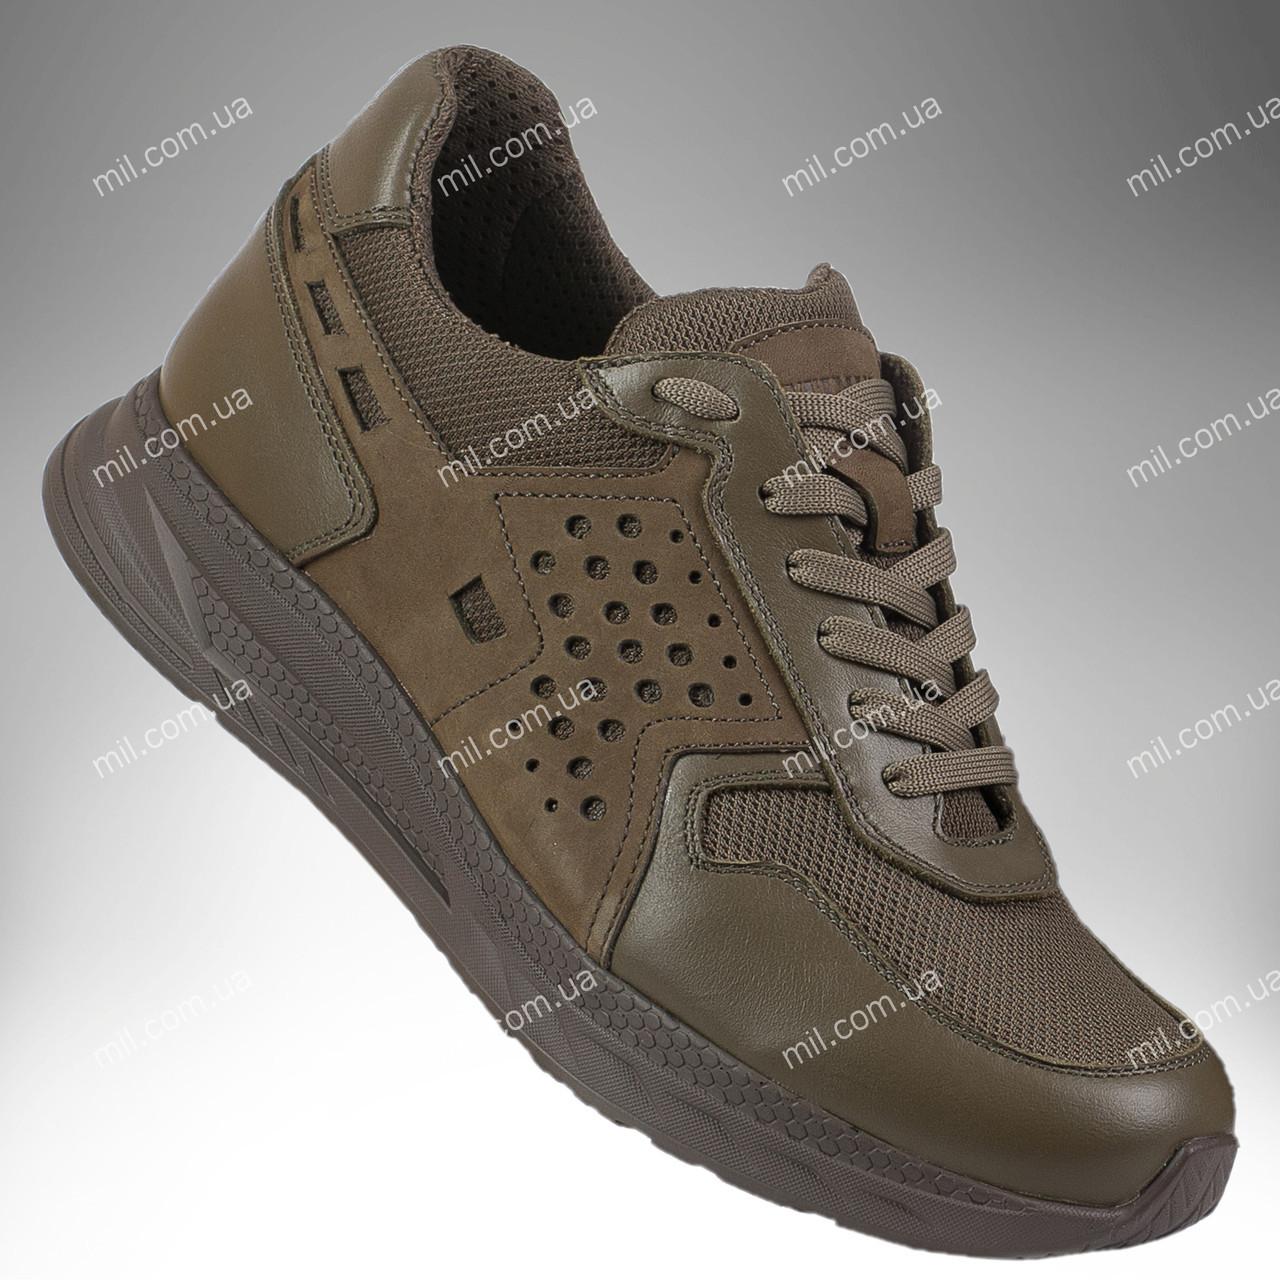 Тактические летние кроссовки / армейская военная обувь RANGER Force Stimul (olive)